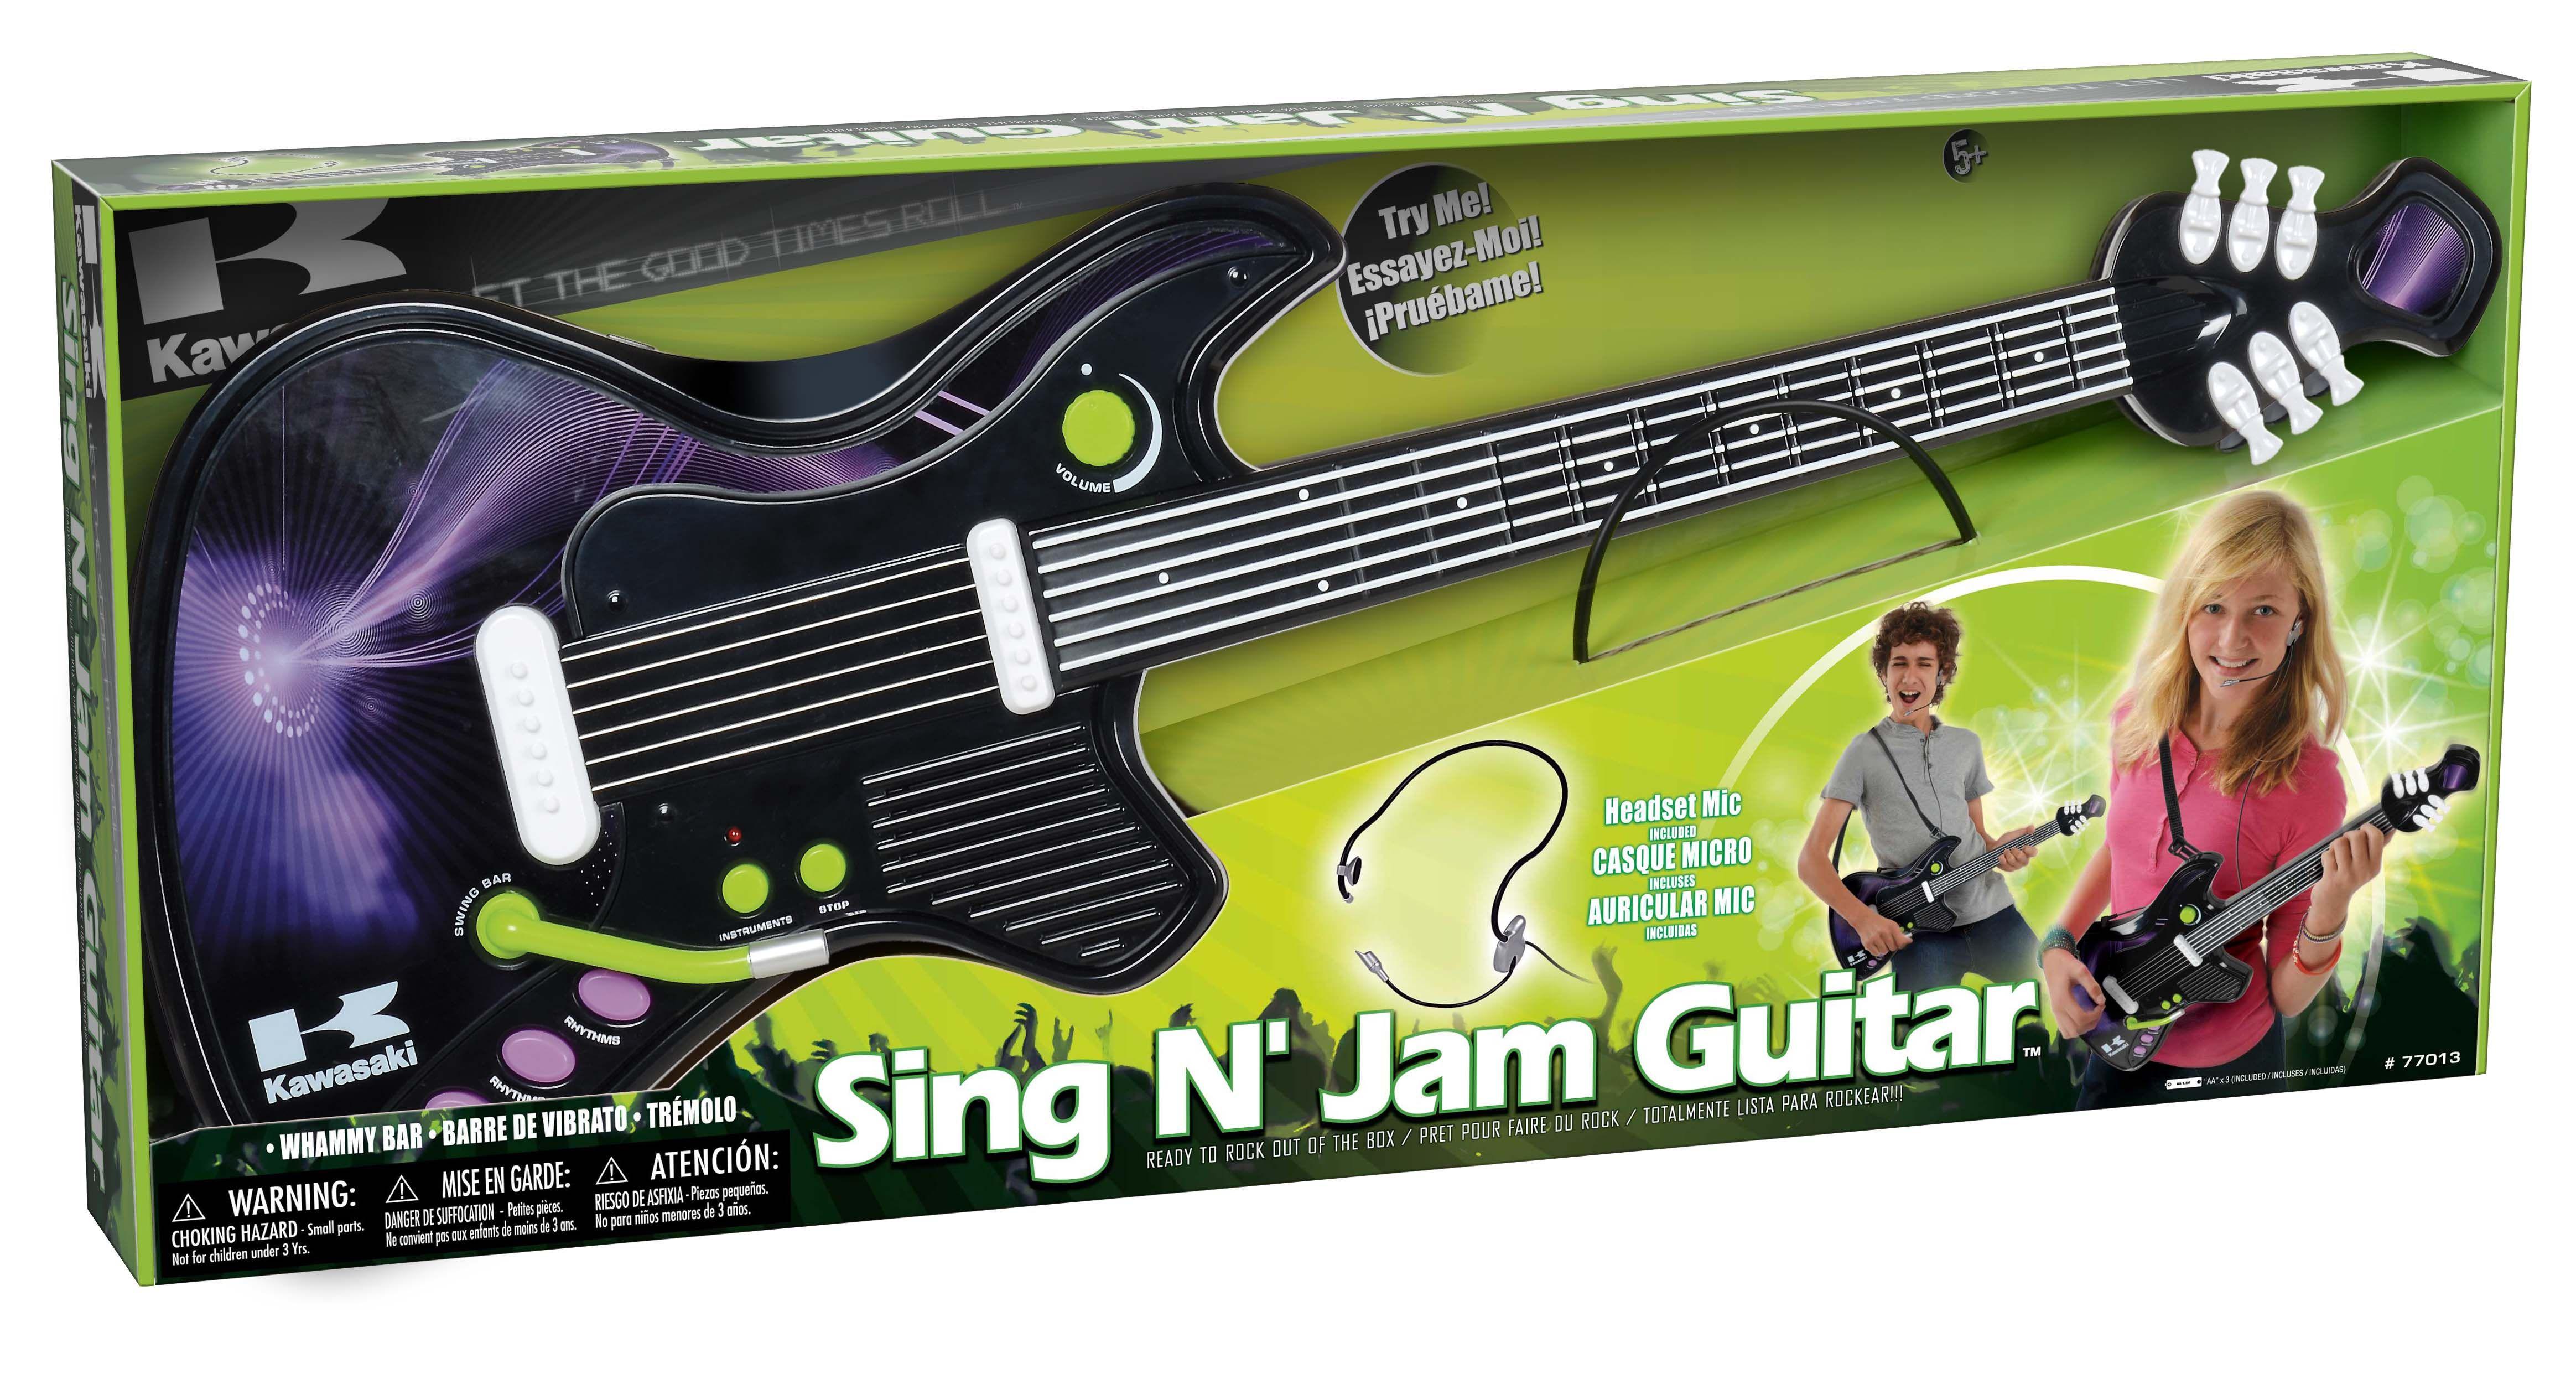 Sing N Jam Guitar Kawasaki Guitars Pinterest Guitar And Singing